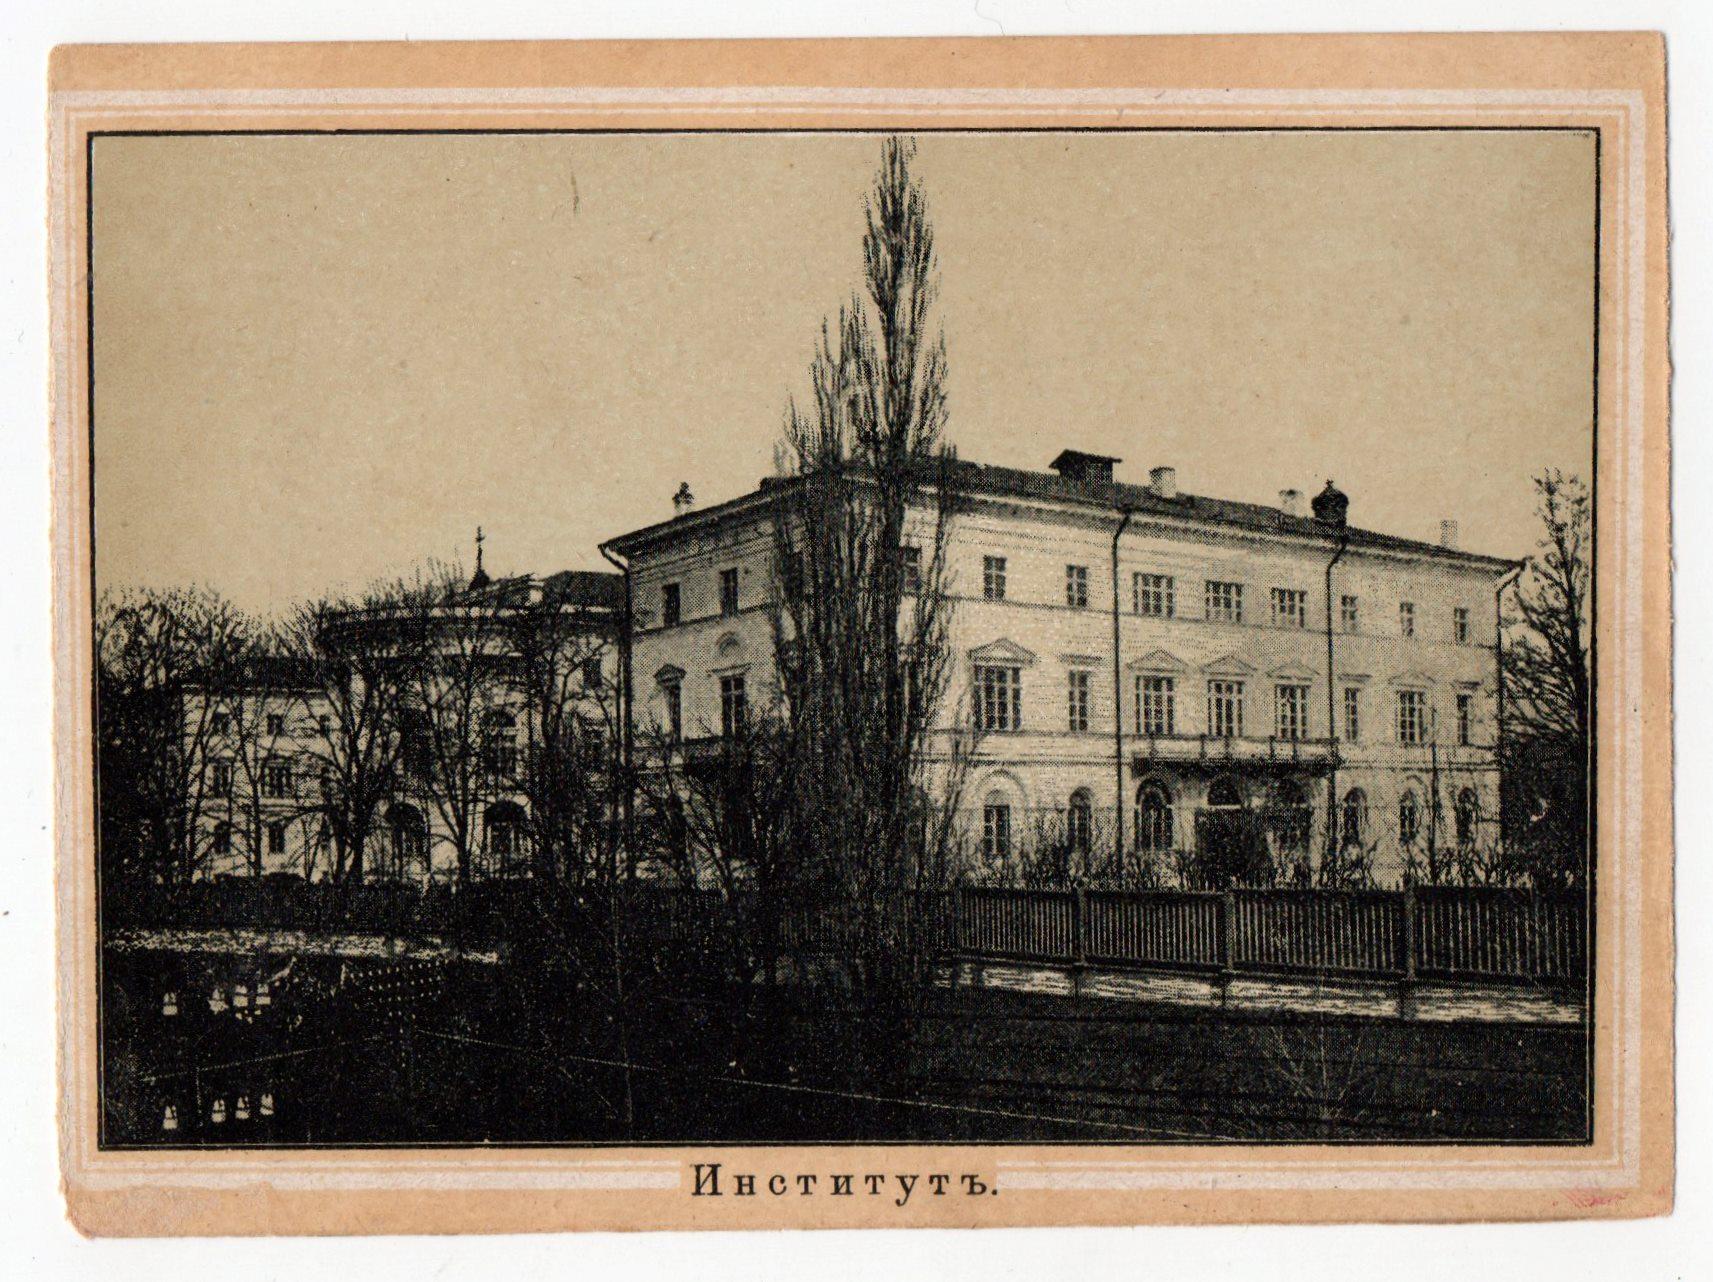 """Поштова листівка з альбому """"Виды Кіева"""". """"Институтъ"""""""